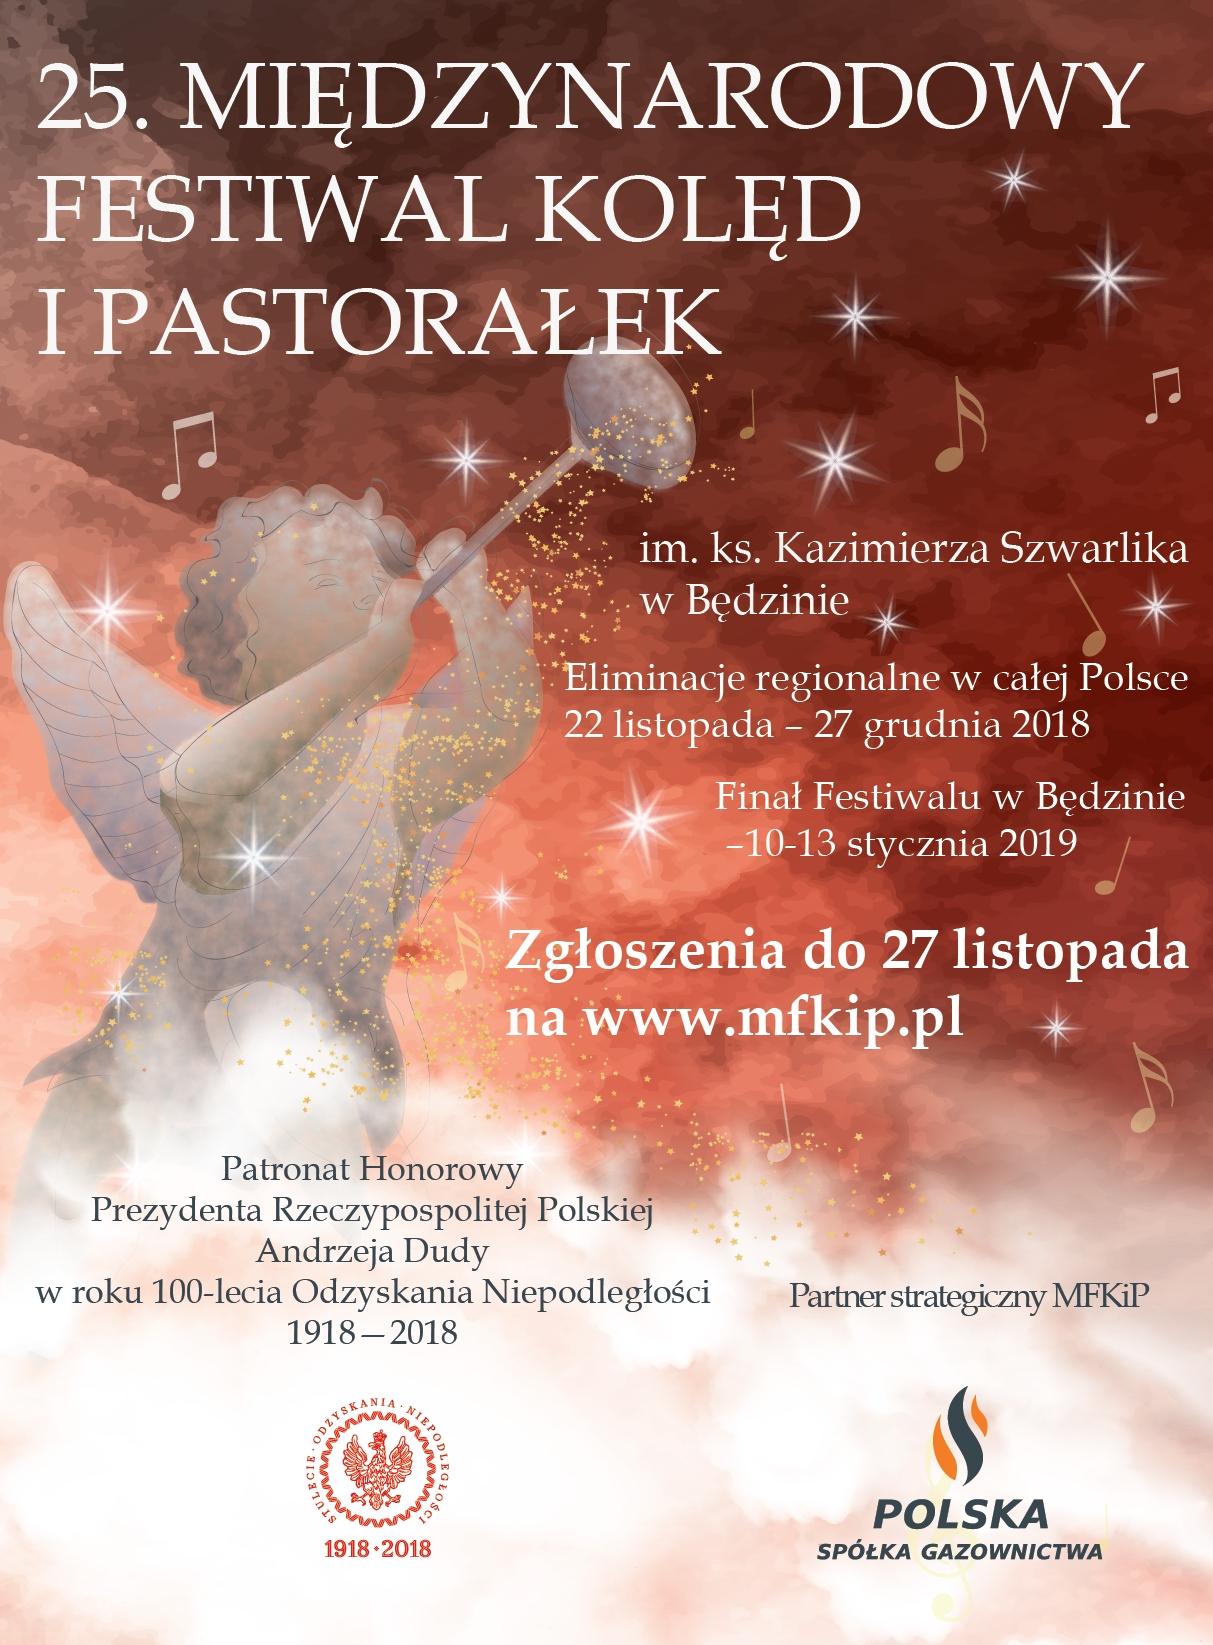 25. edycja Międzynarodowego Festiwalu Kolęd i Pastorałek im. ks. K. Szwarlika